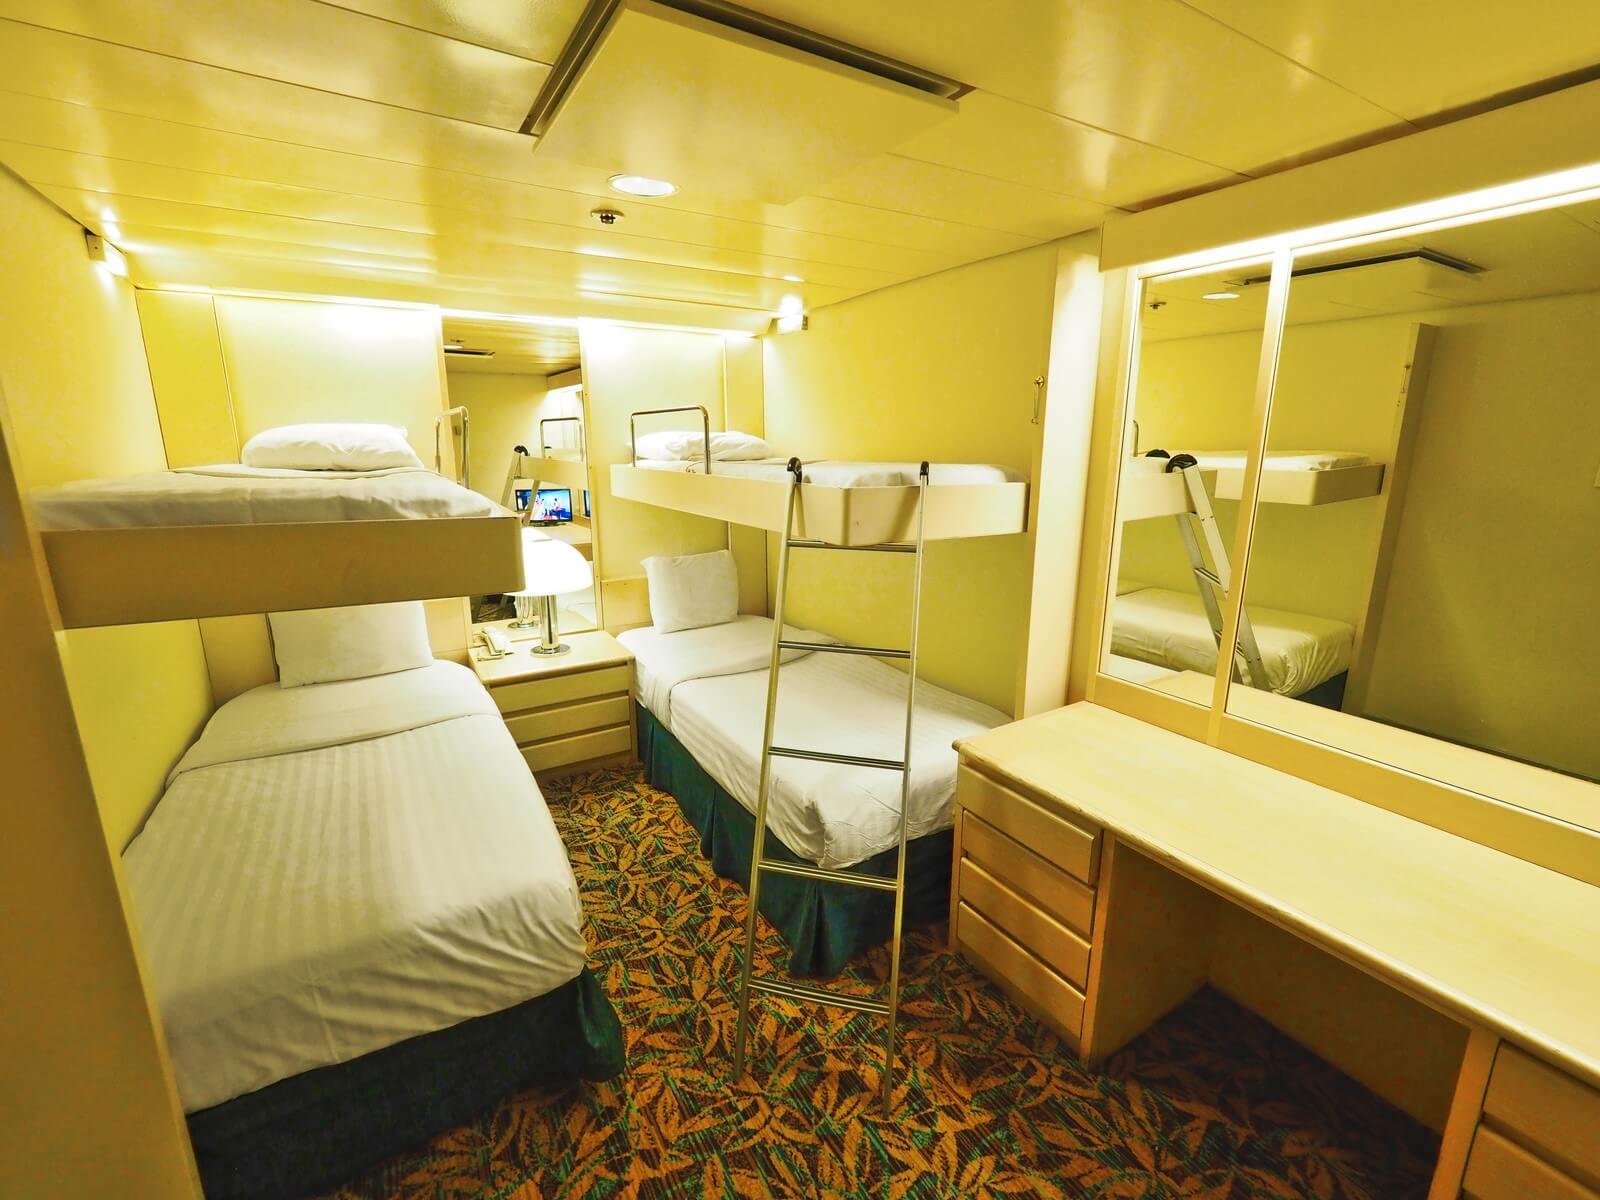 ピースボートプレミアム 客室 エコノミー フレンドリー